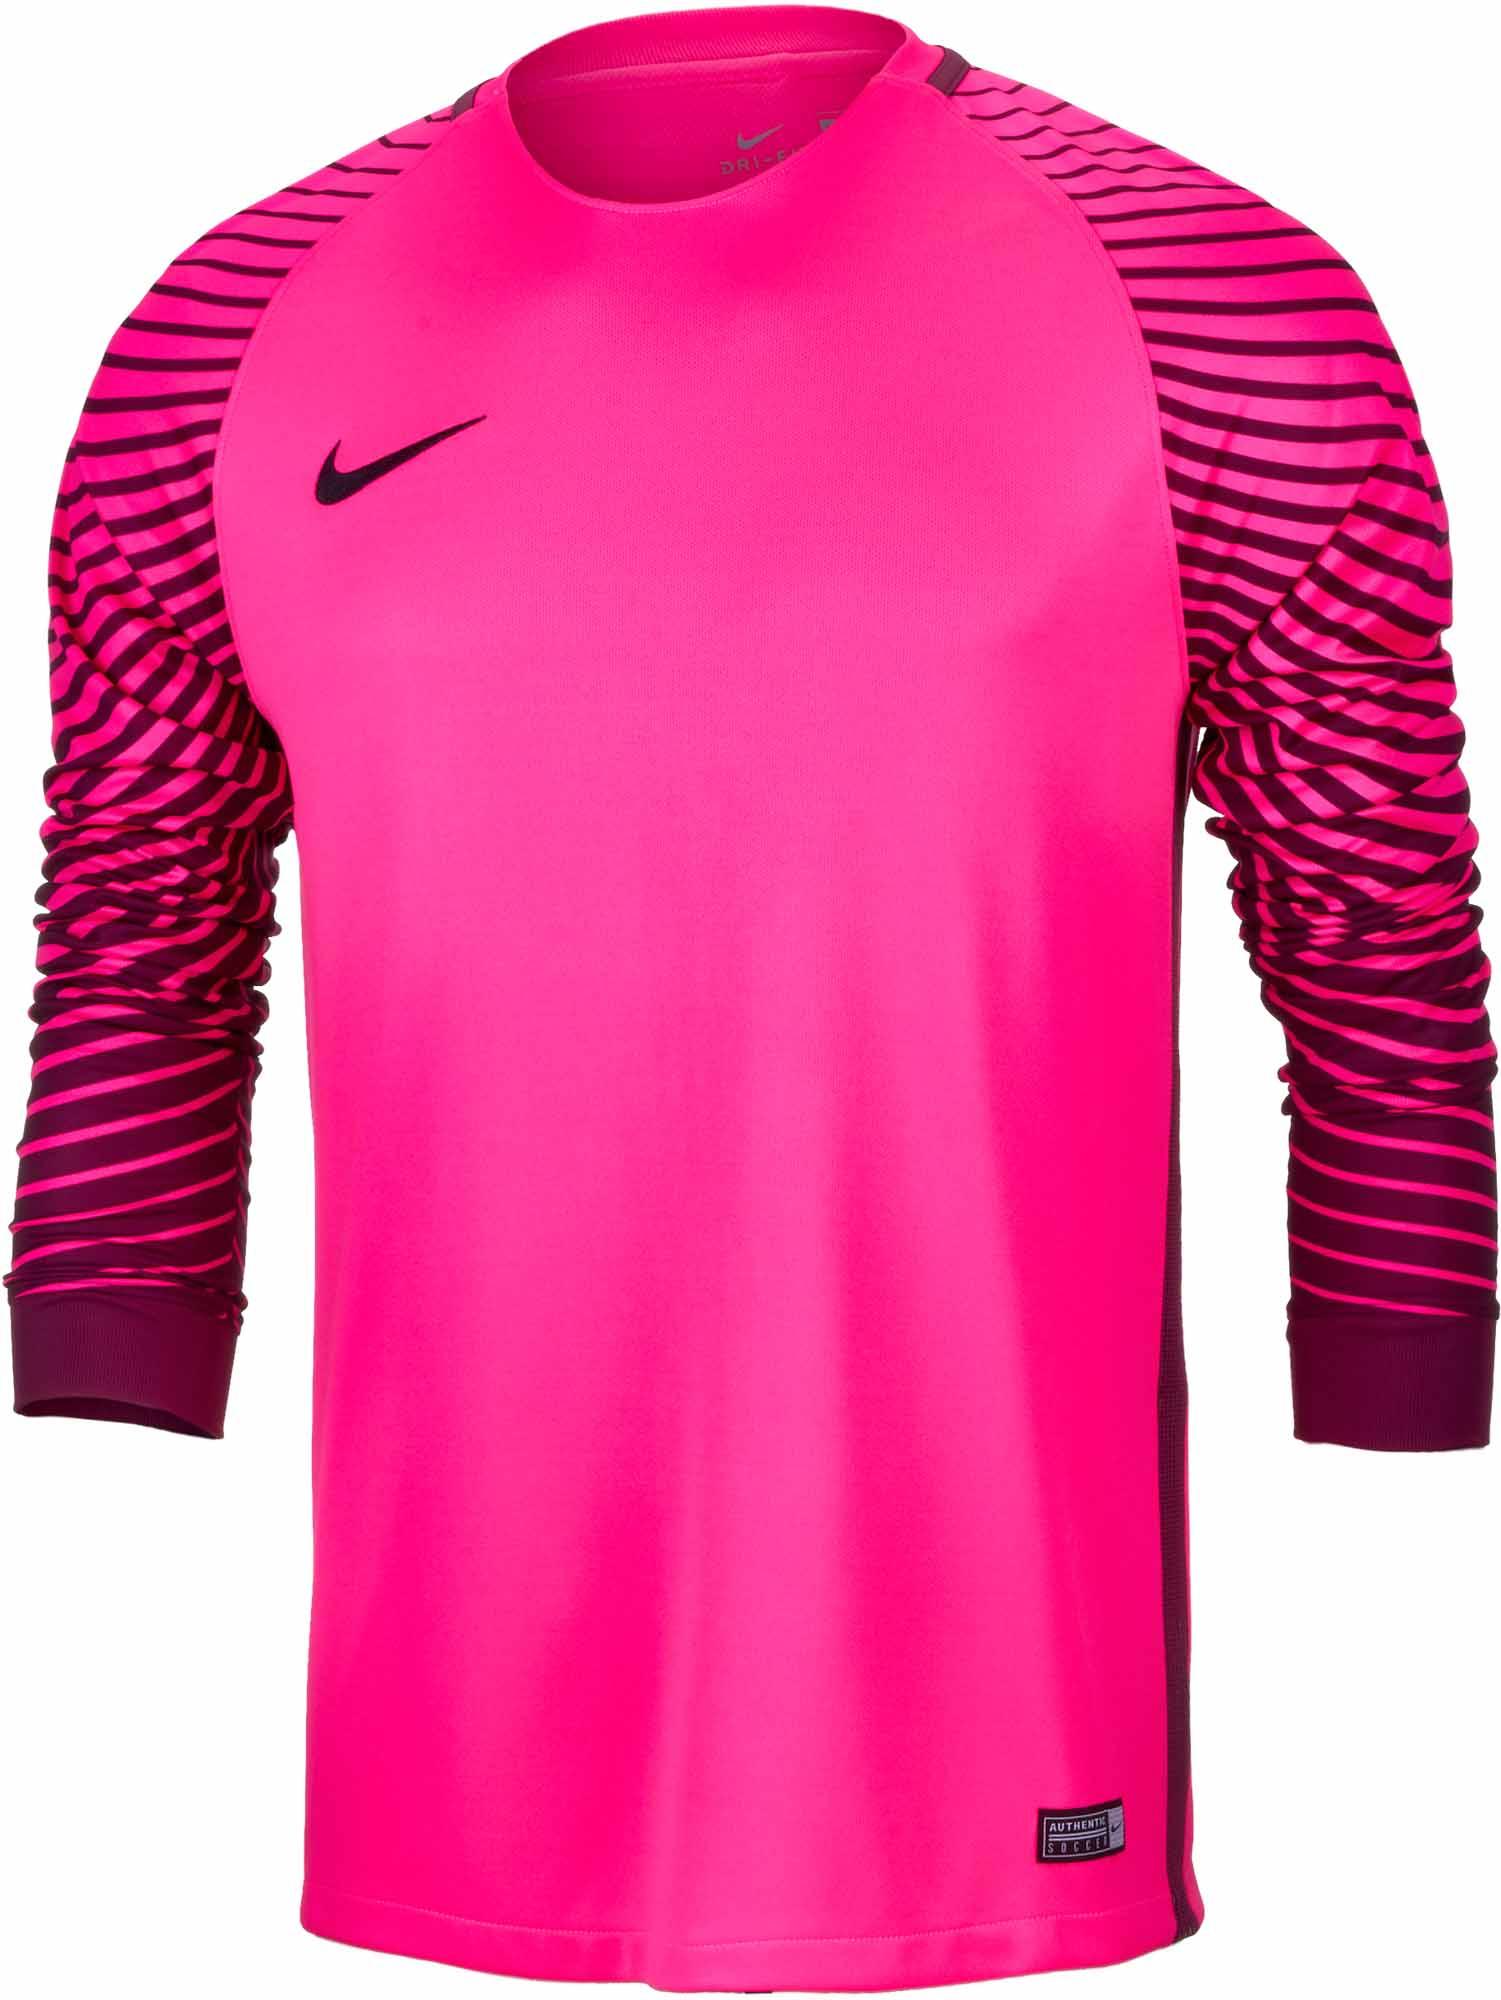 on sale 540db aa835 Nike Gardien Goalkeeper Jersey – Hyper Pink Villain Red